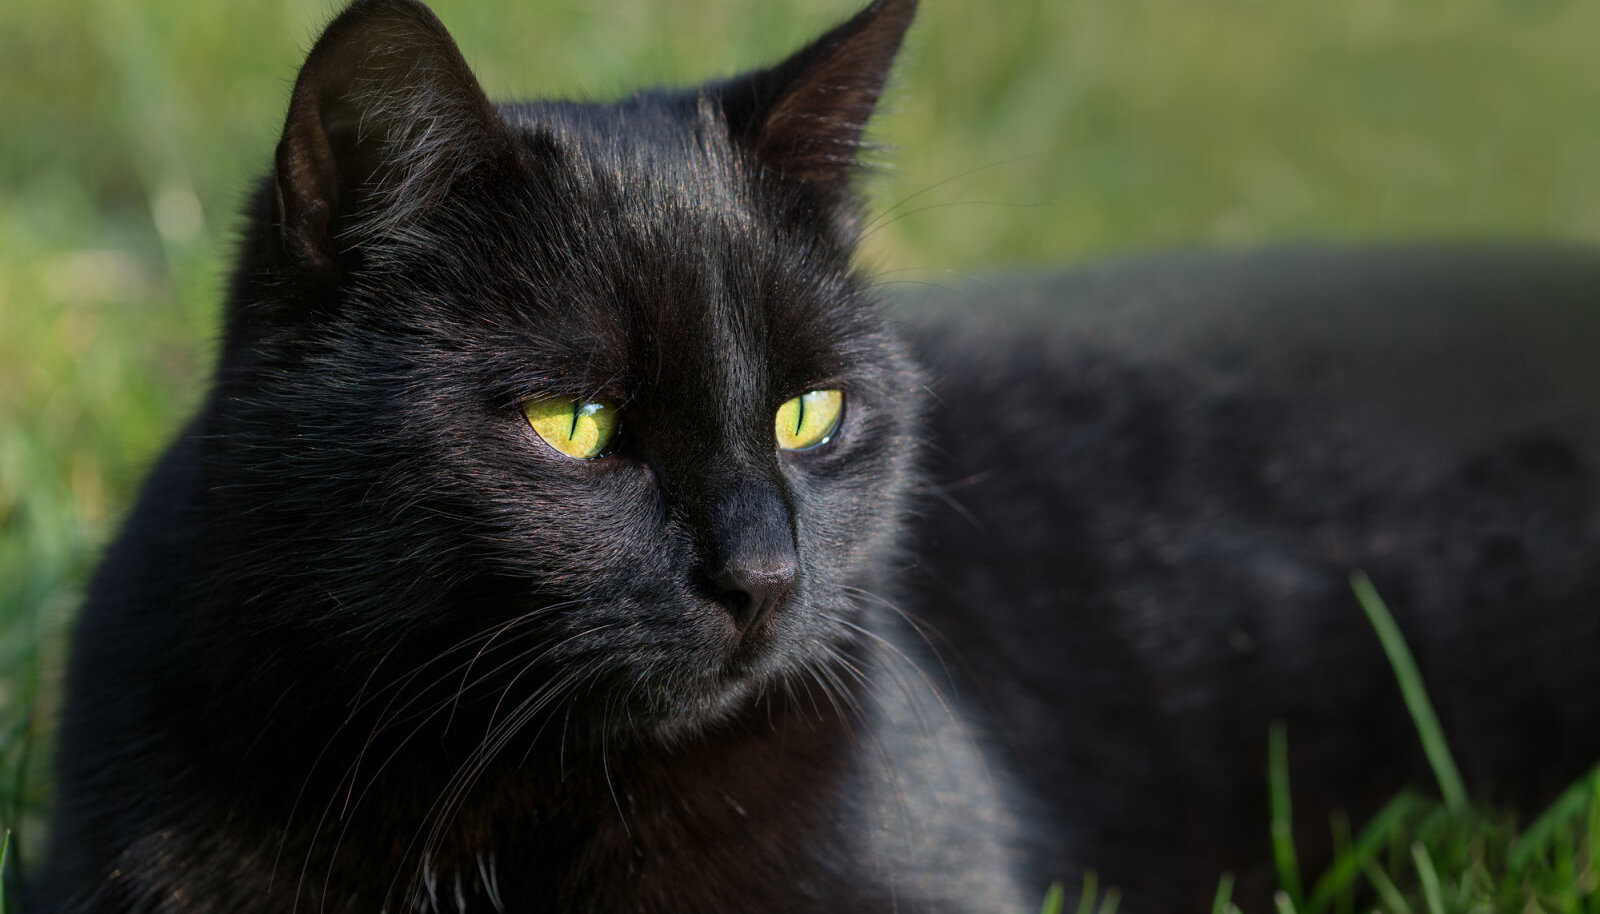 Täna on rahvusvaheline musta kassi päev